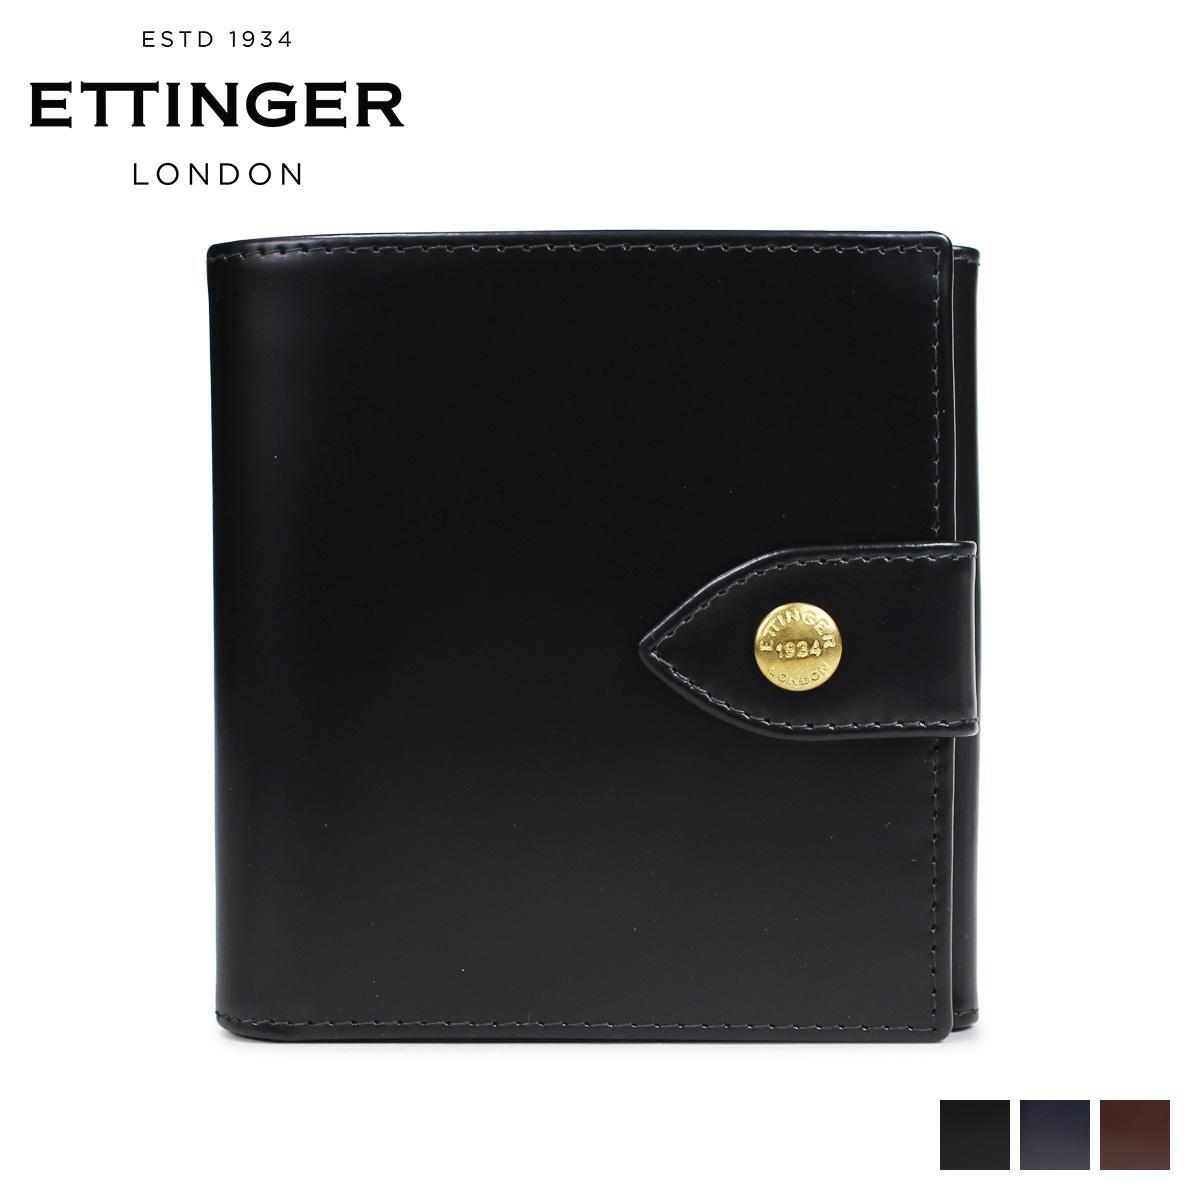 ETTINGER LARGE BILLFOLD PURSE エッティンガー 財布 二つ折り メンズ レザー ブラック ネイビー ブラウン 黒 BH178JR